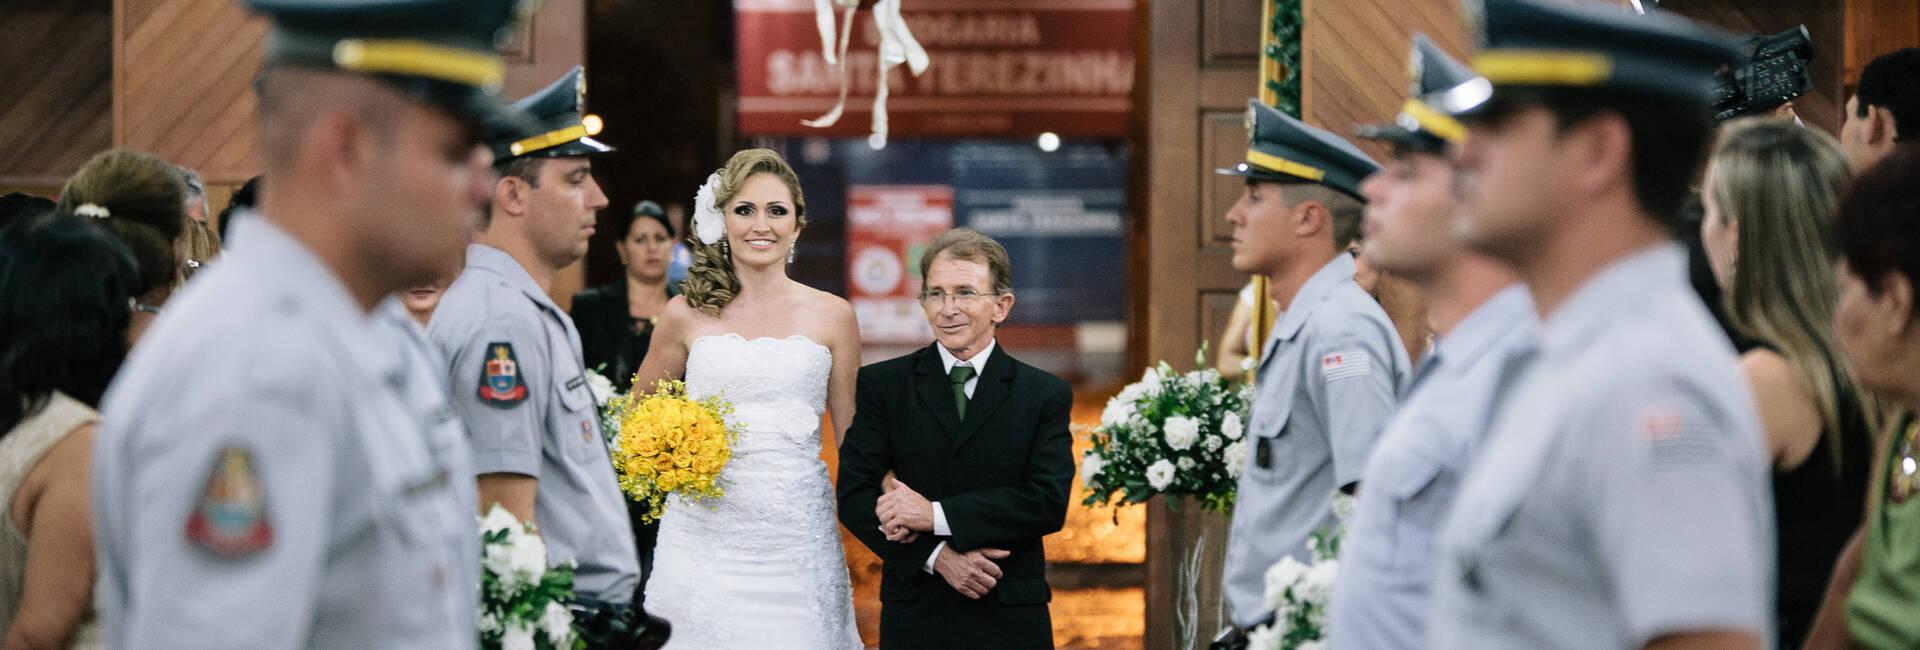 Casamento de Samyla & Ulisson